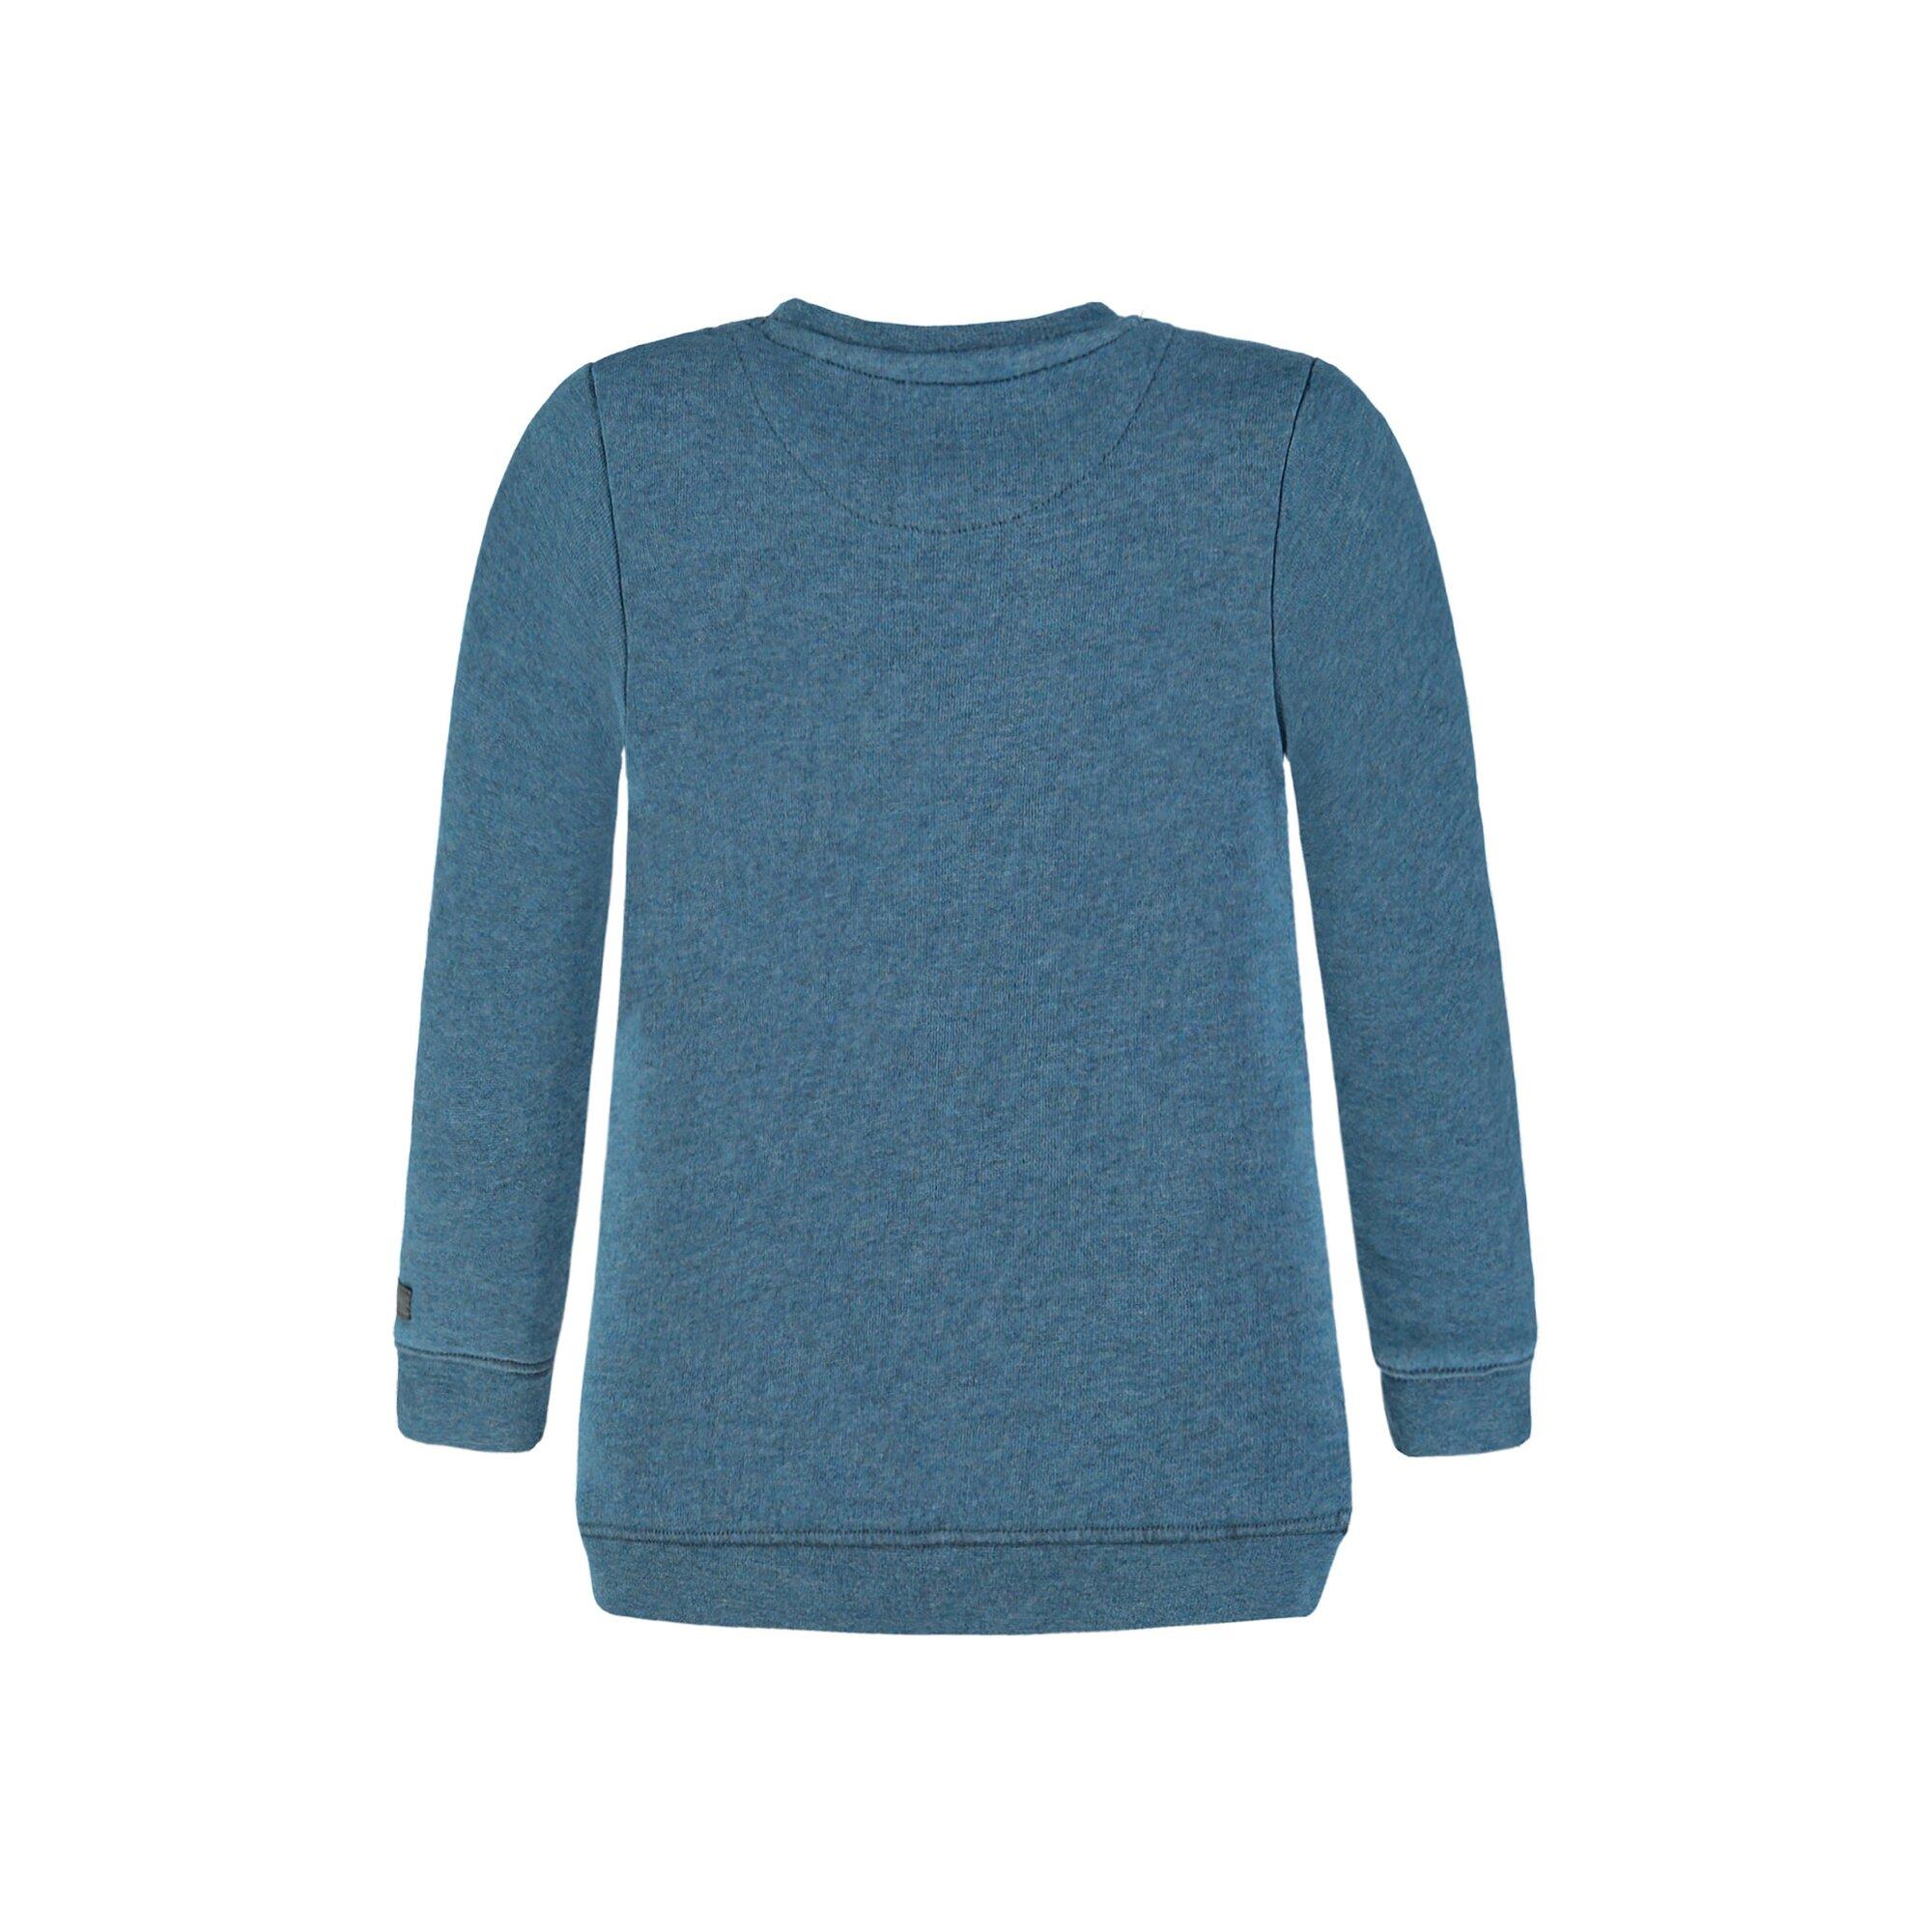 bellybutton-sweatshirt-kangoroo-tasche-mit-print